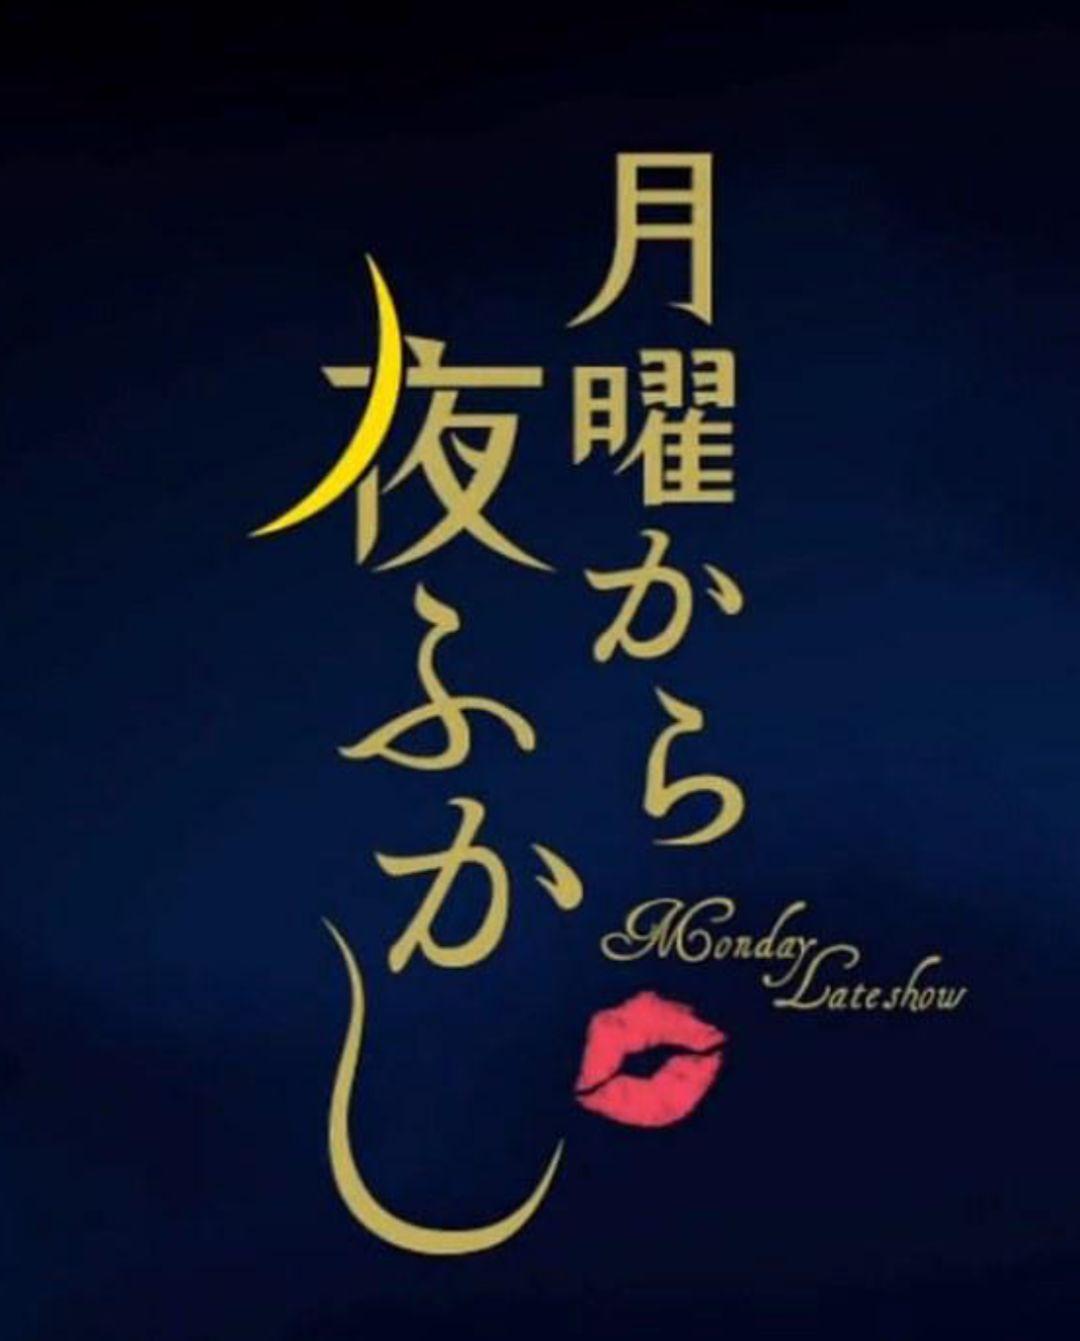 月曜夜未央 | 最精彩下饭综艺,就是这档日本版《康熙来了》!(图2)